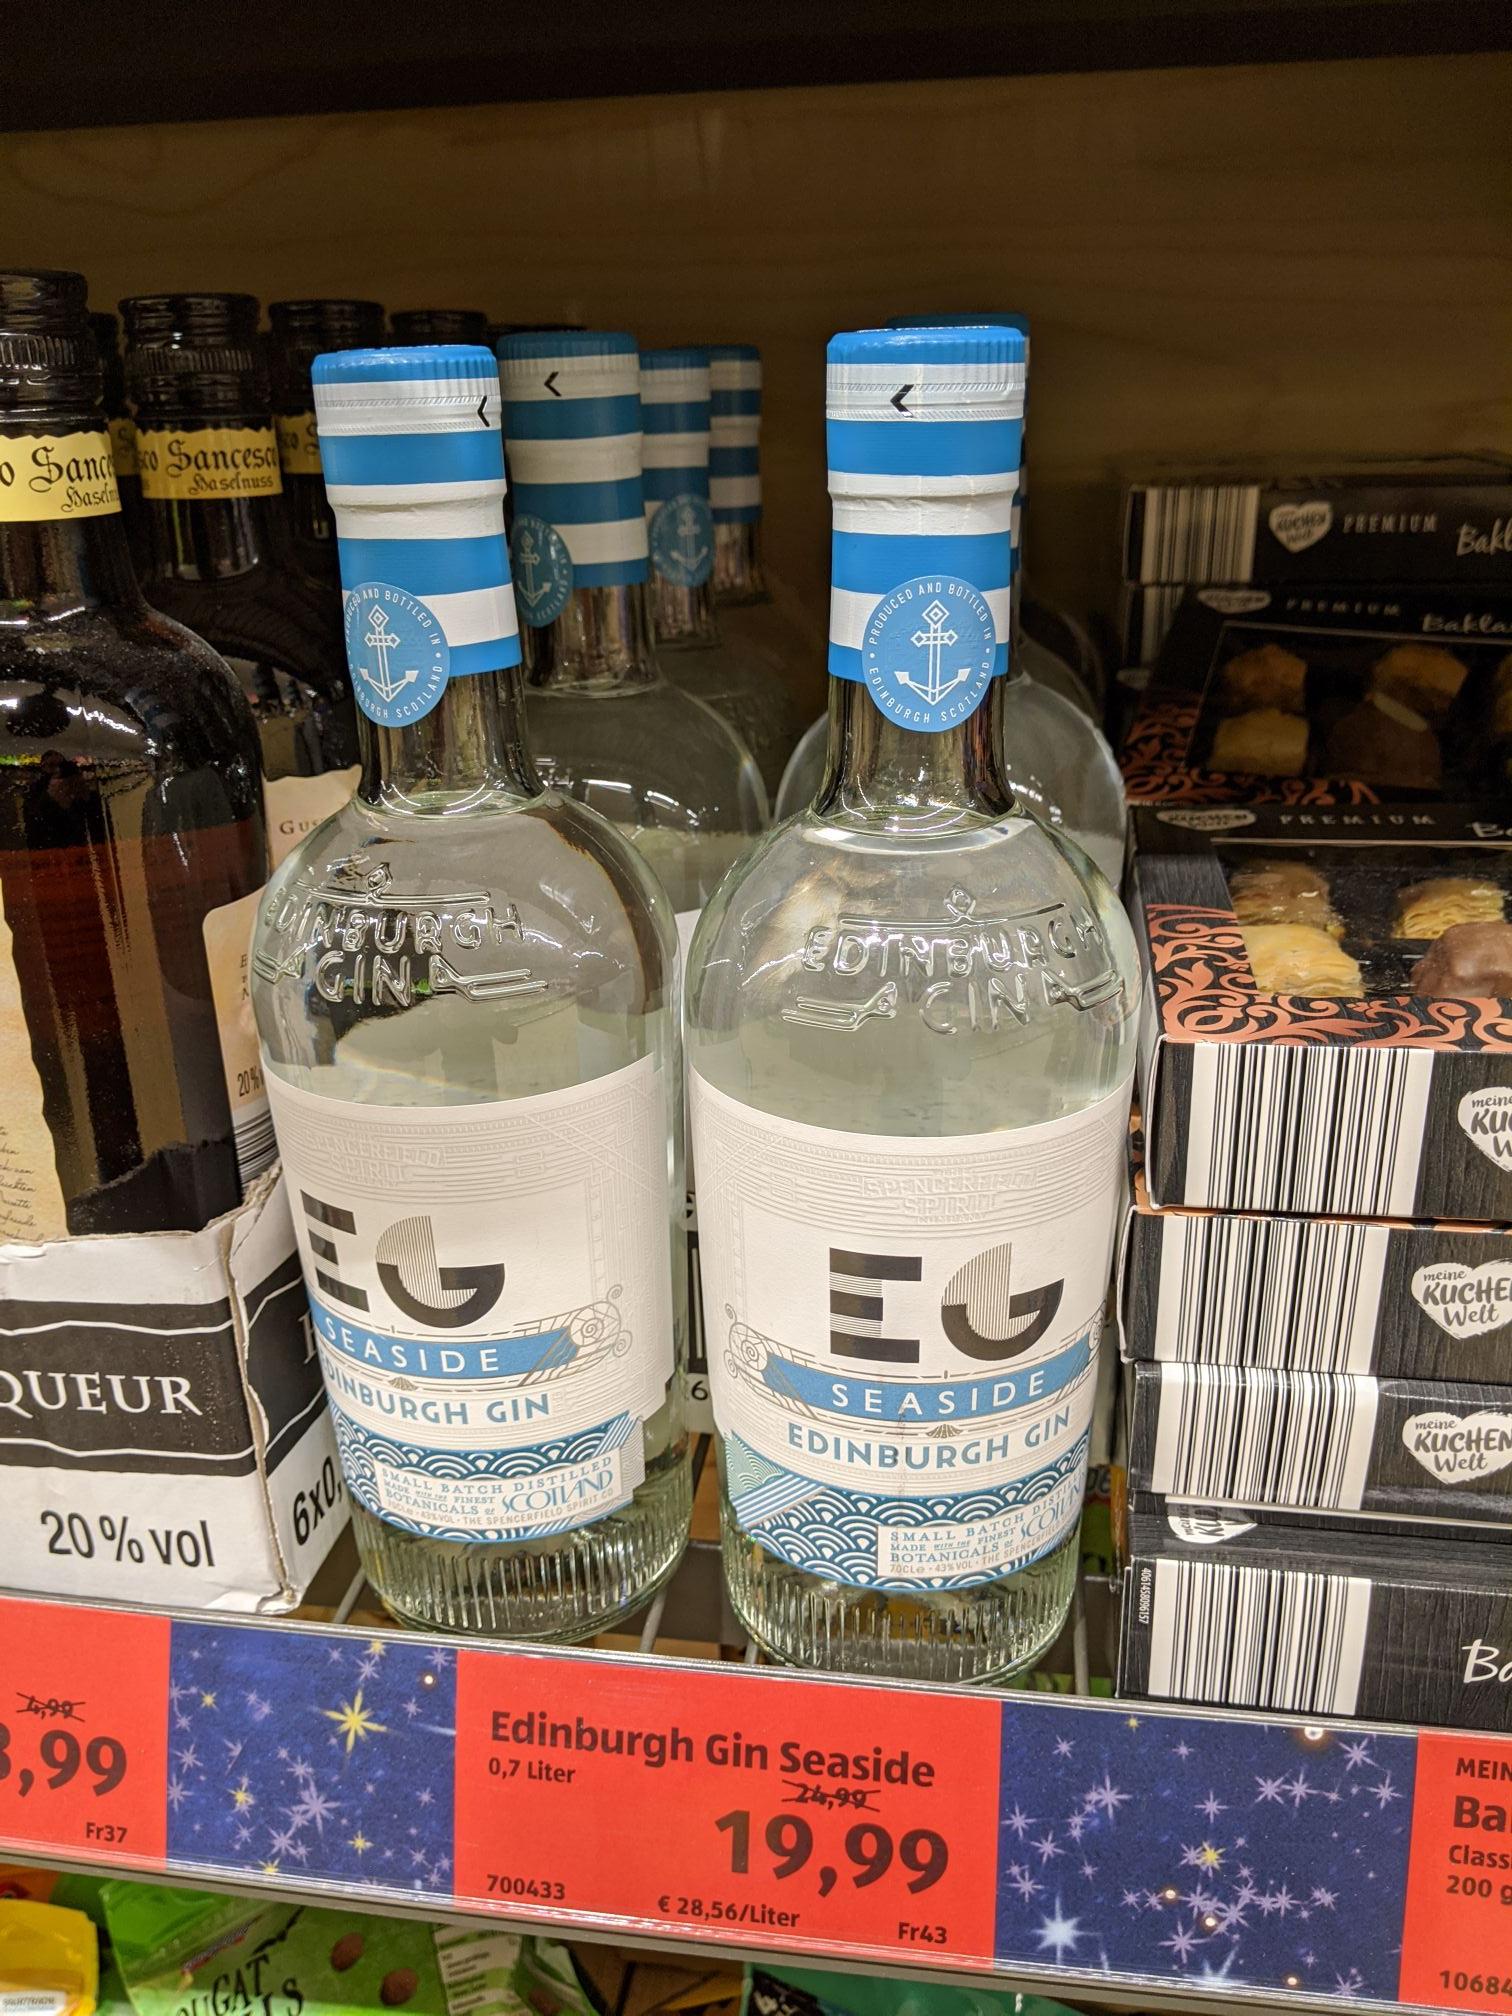 [Lokal Aldi Süd] Edinburgh Gin Seaside 19,99 €